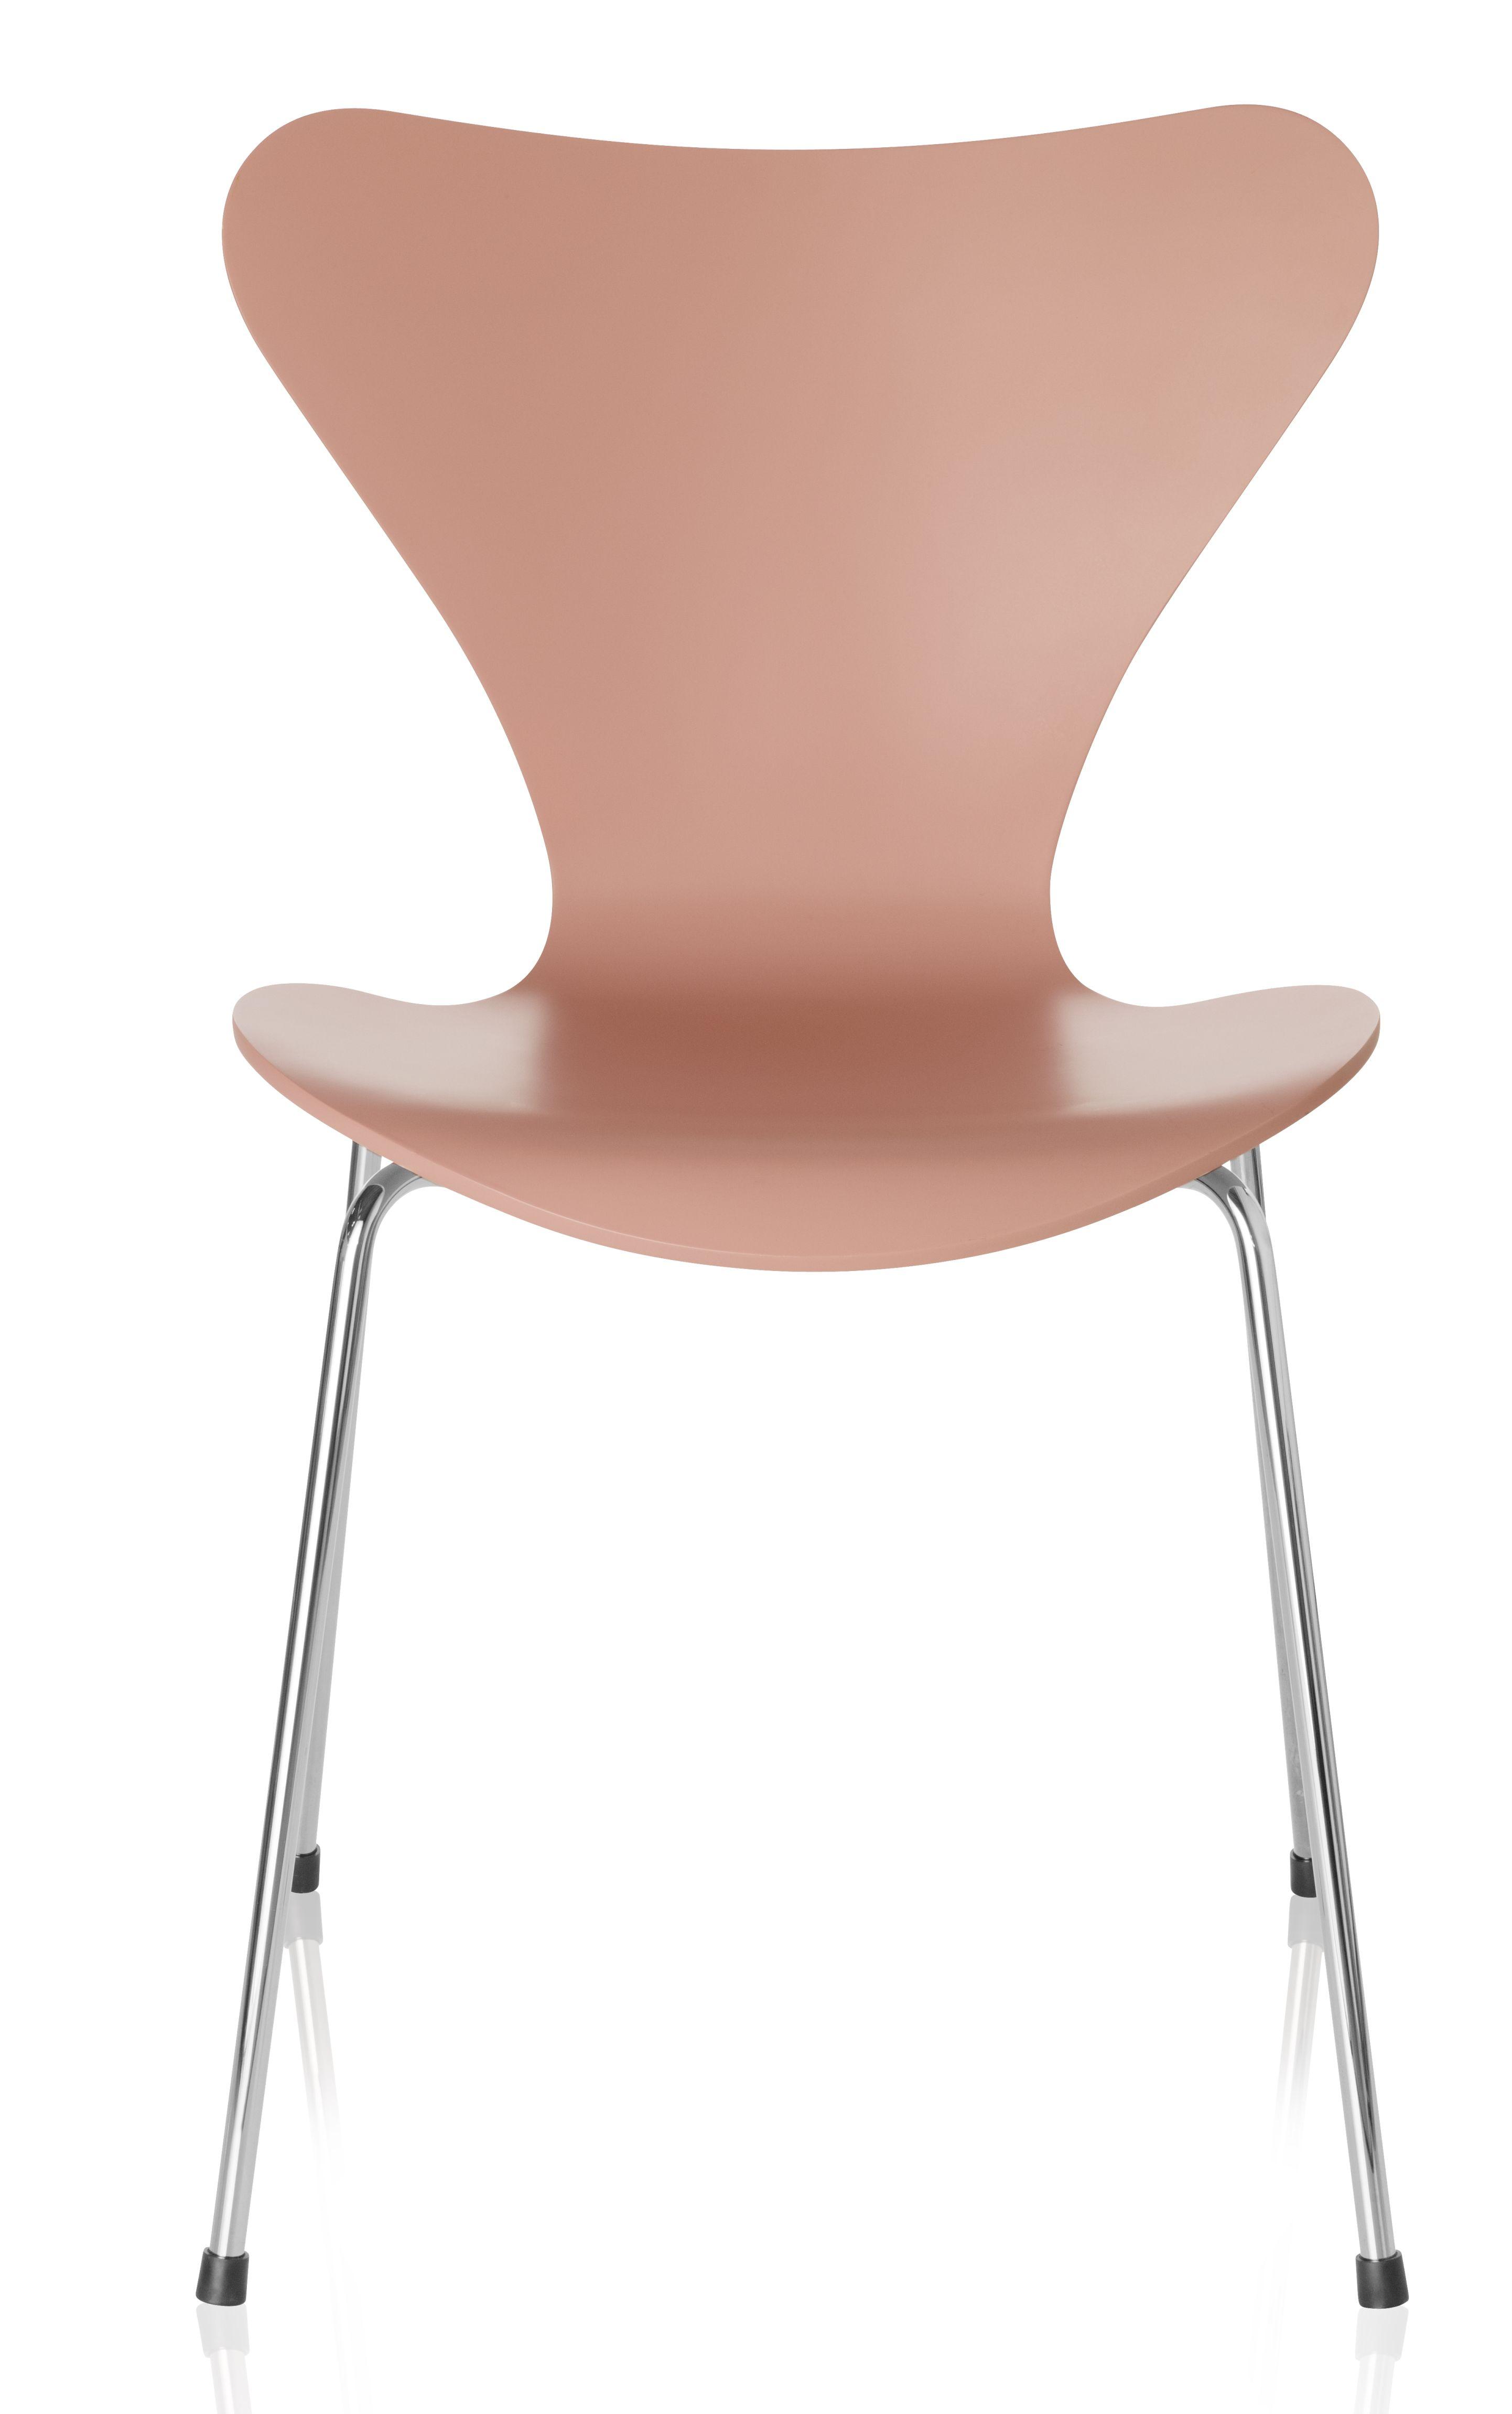 Sevens / Series 3107 Chair Fritz Hansen QUICK SHIP